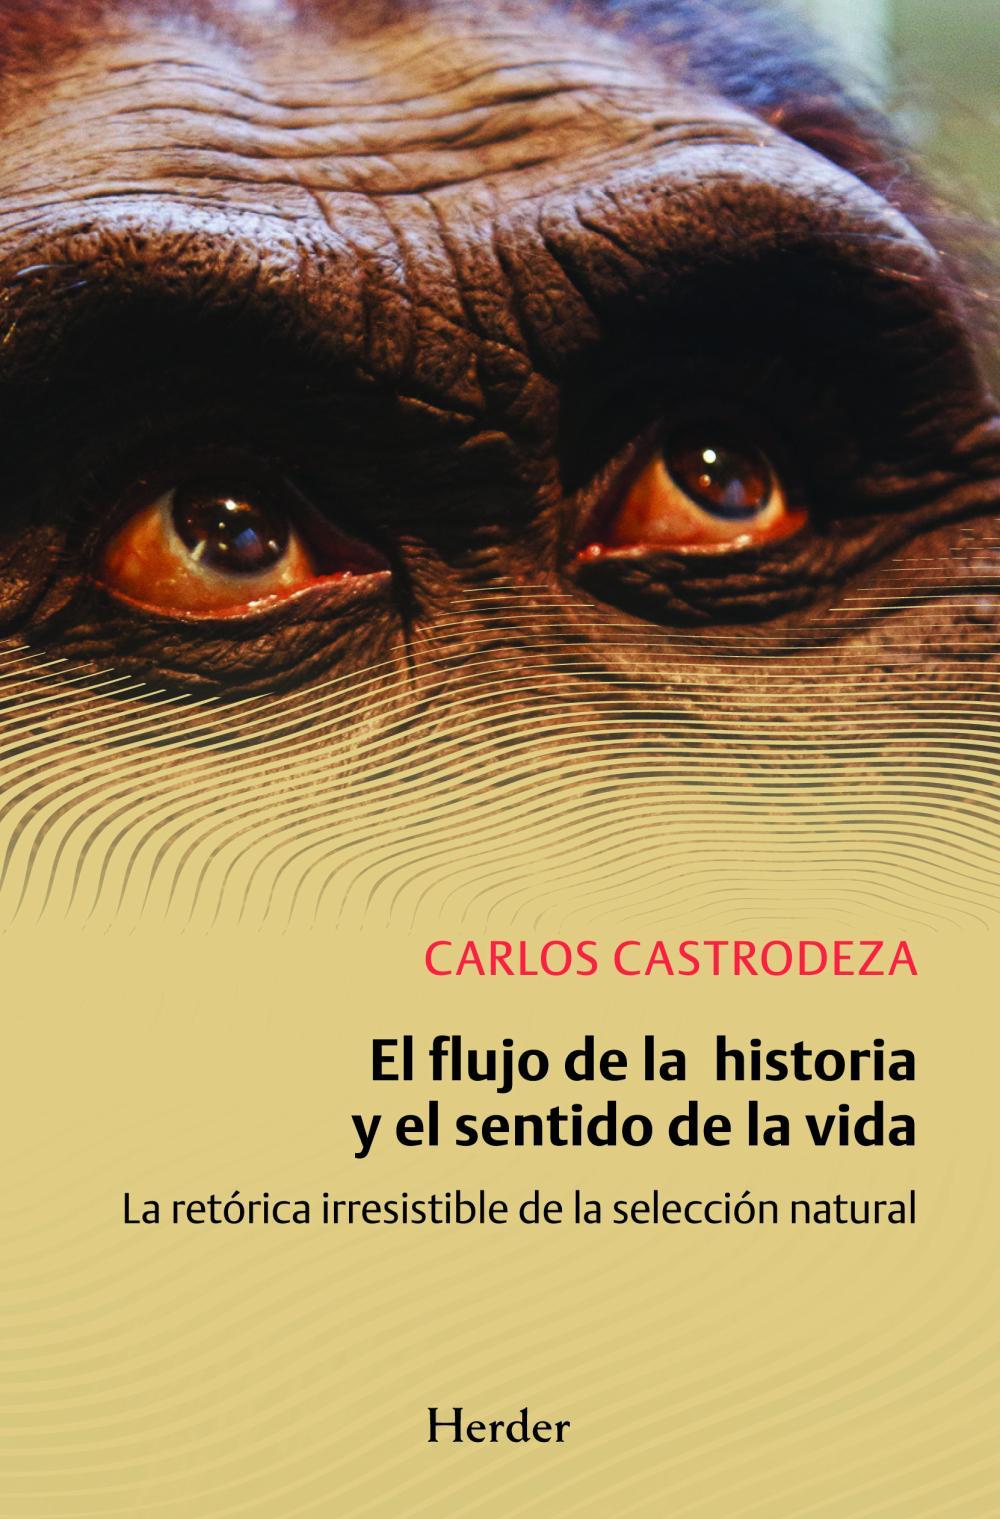 El flujo de la historia y el sentido de la vida